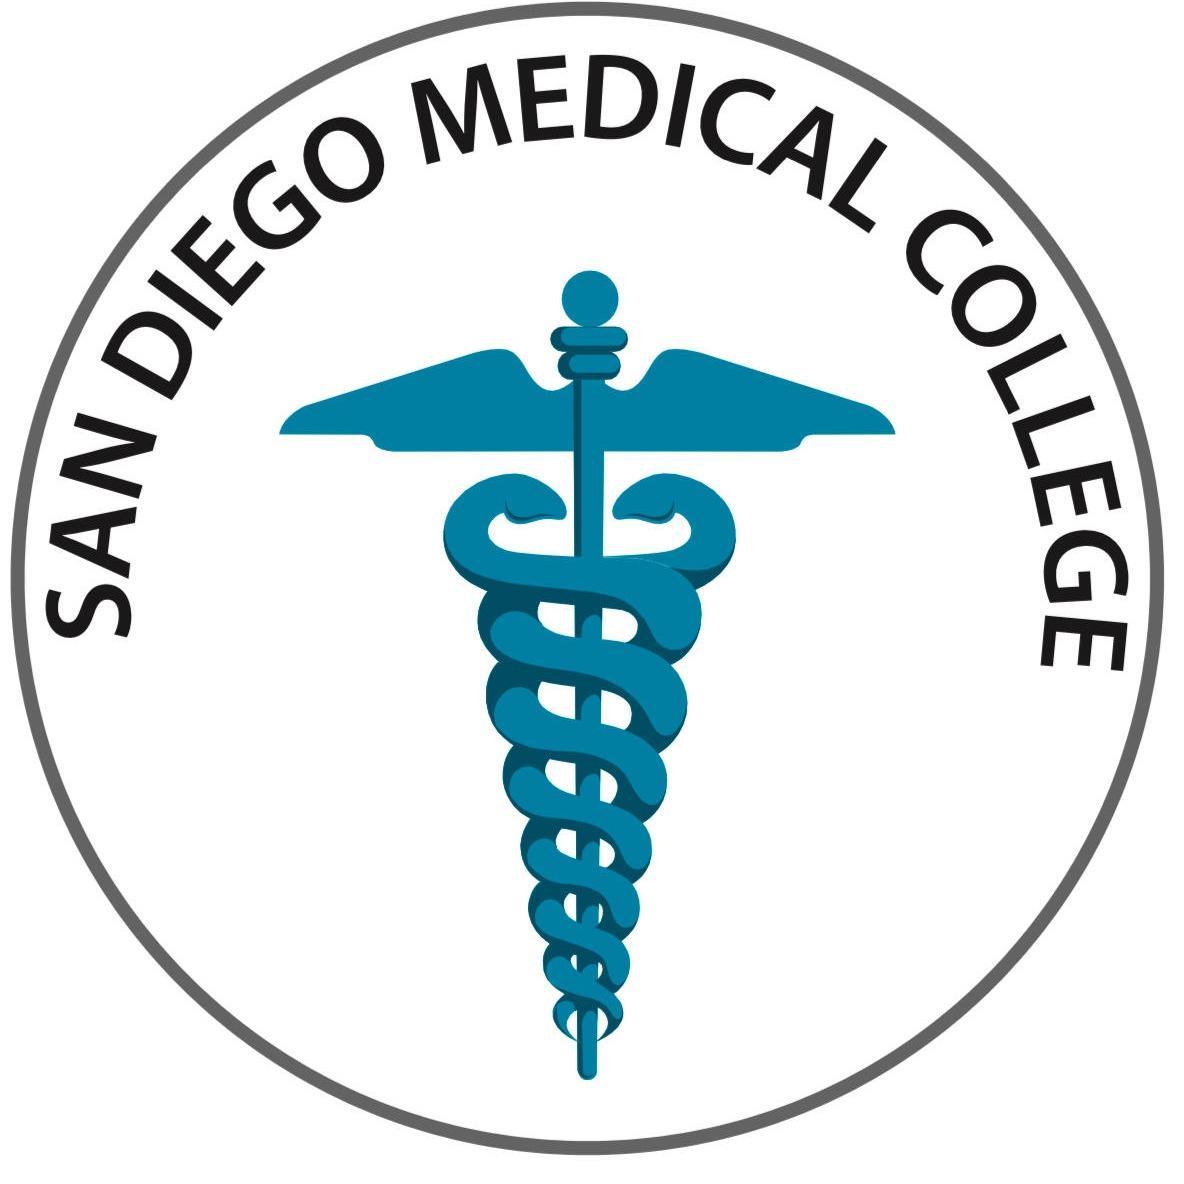 San Diego Medical College CNA School & Nursing - National City, CA 91950 - (619)271-0700 | ShowMeLocal.com